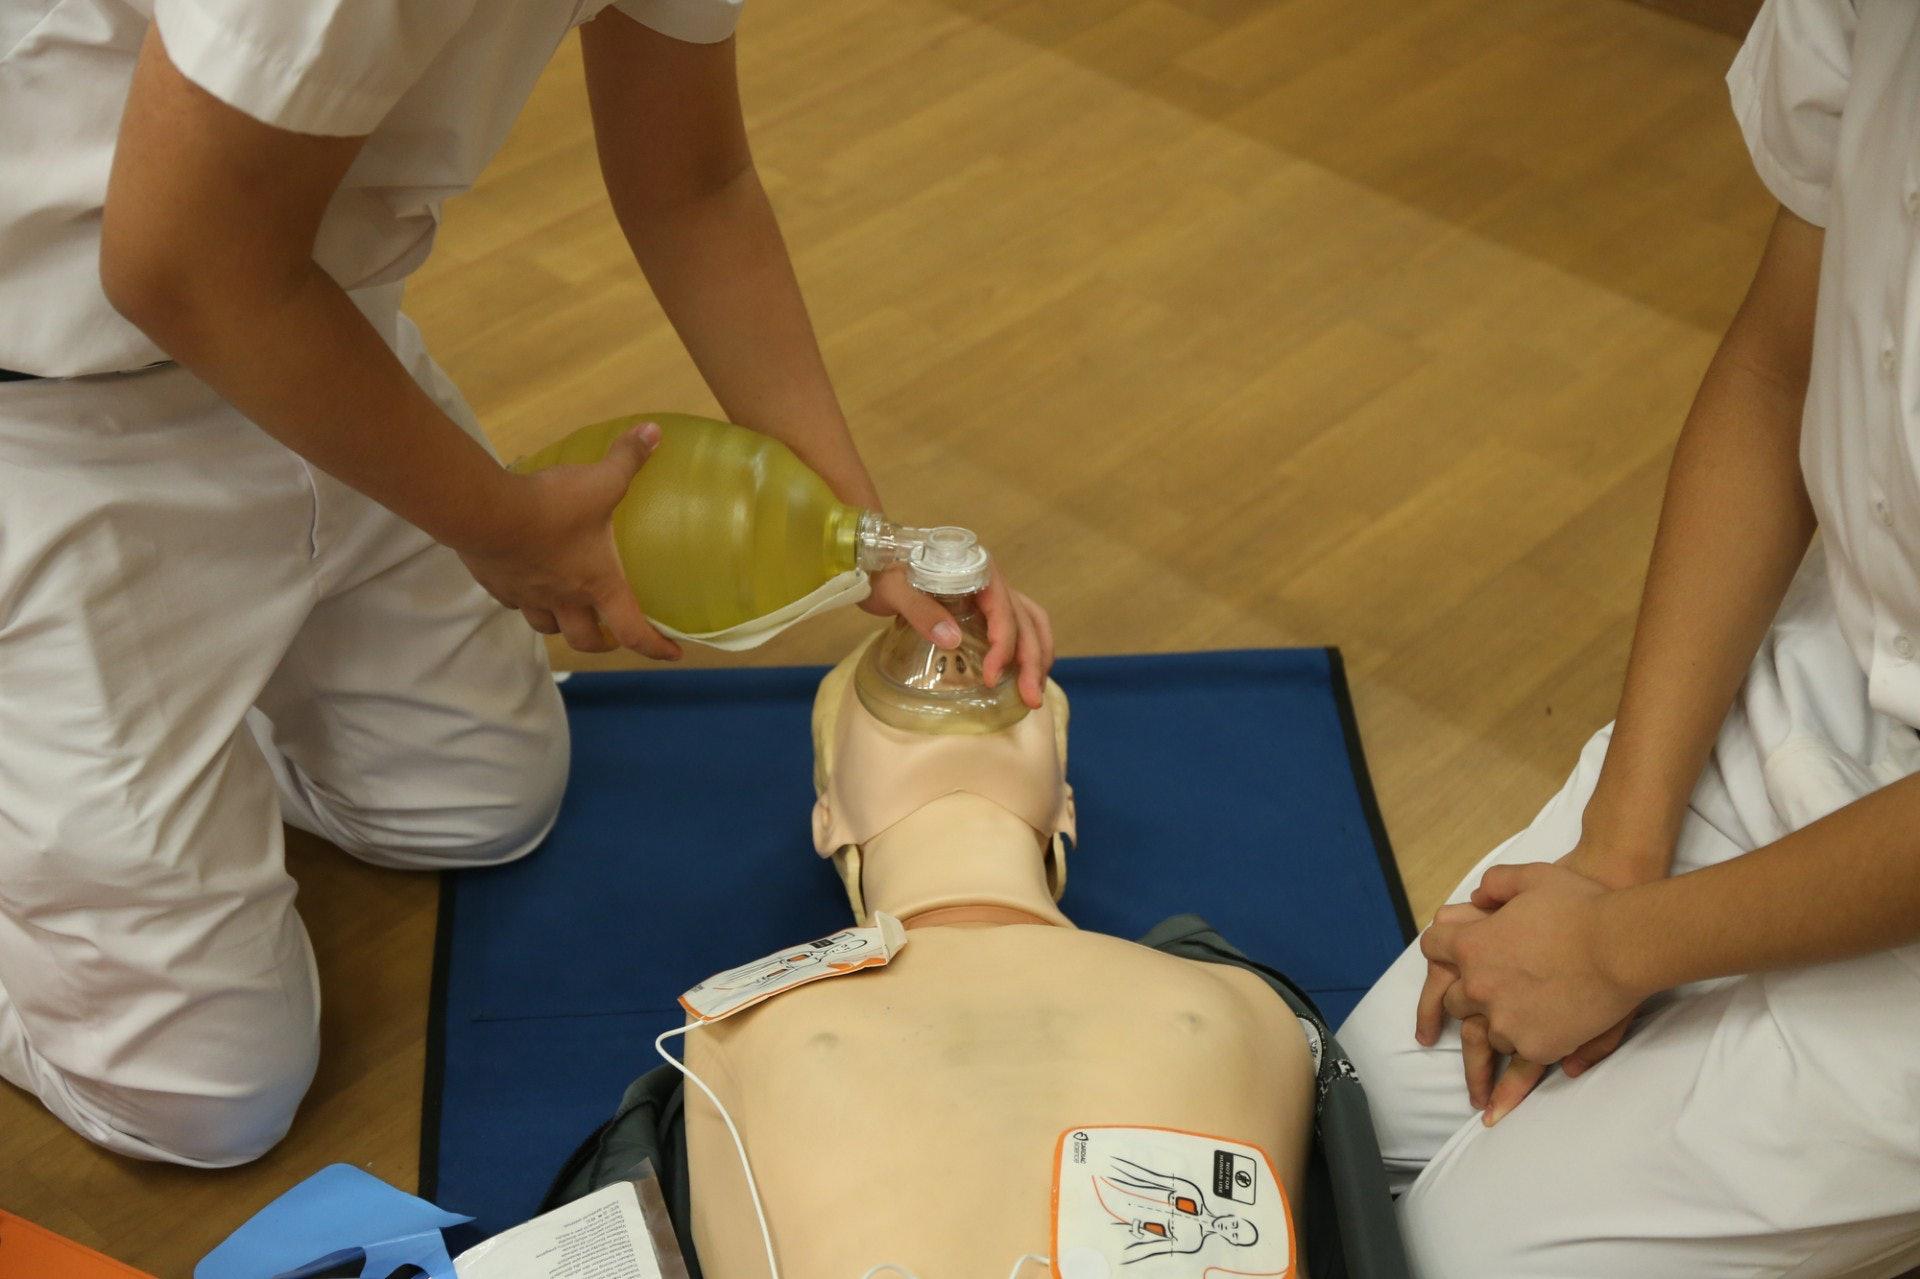 同學示範以膠囊面罩復甦器做人工呼吸。(陳百灝攝)